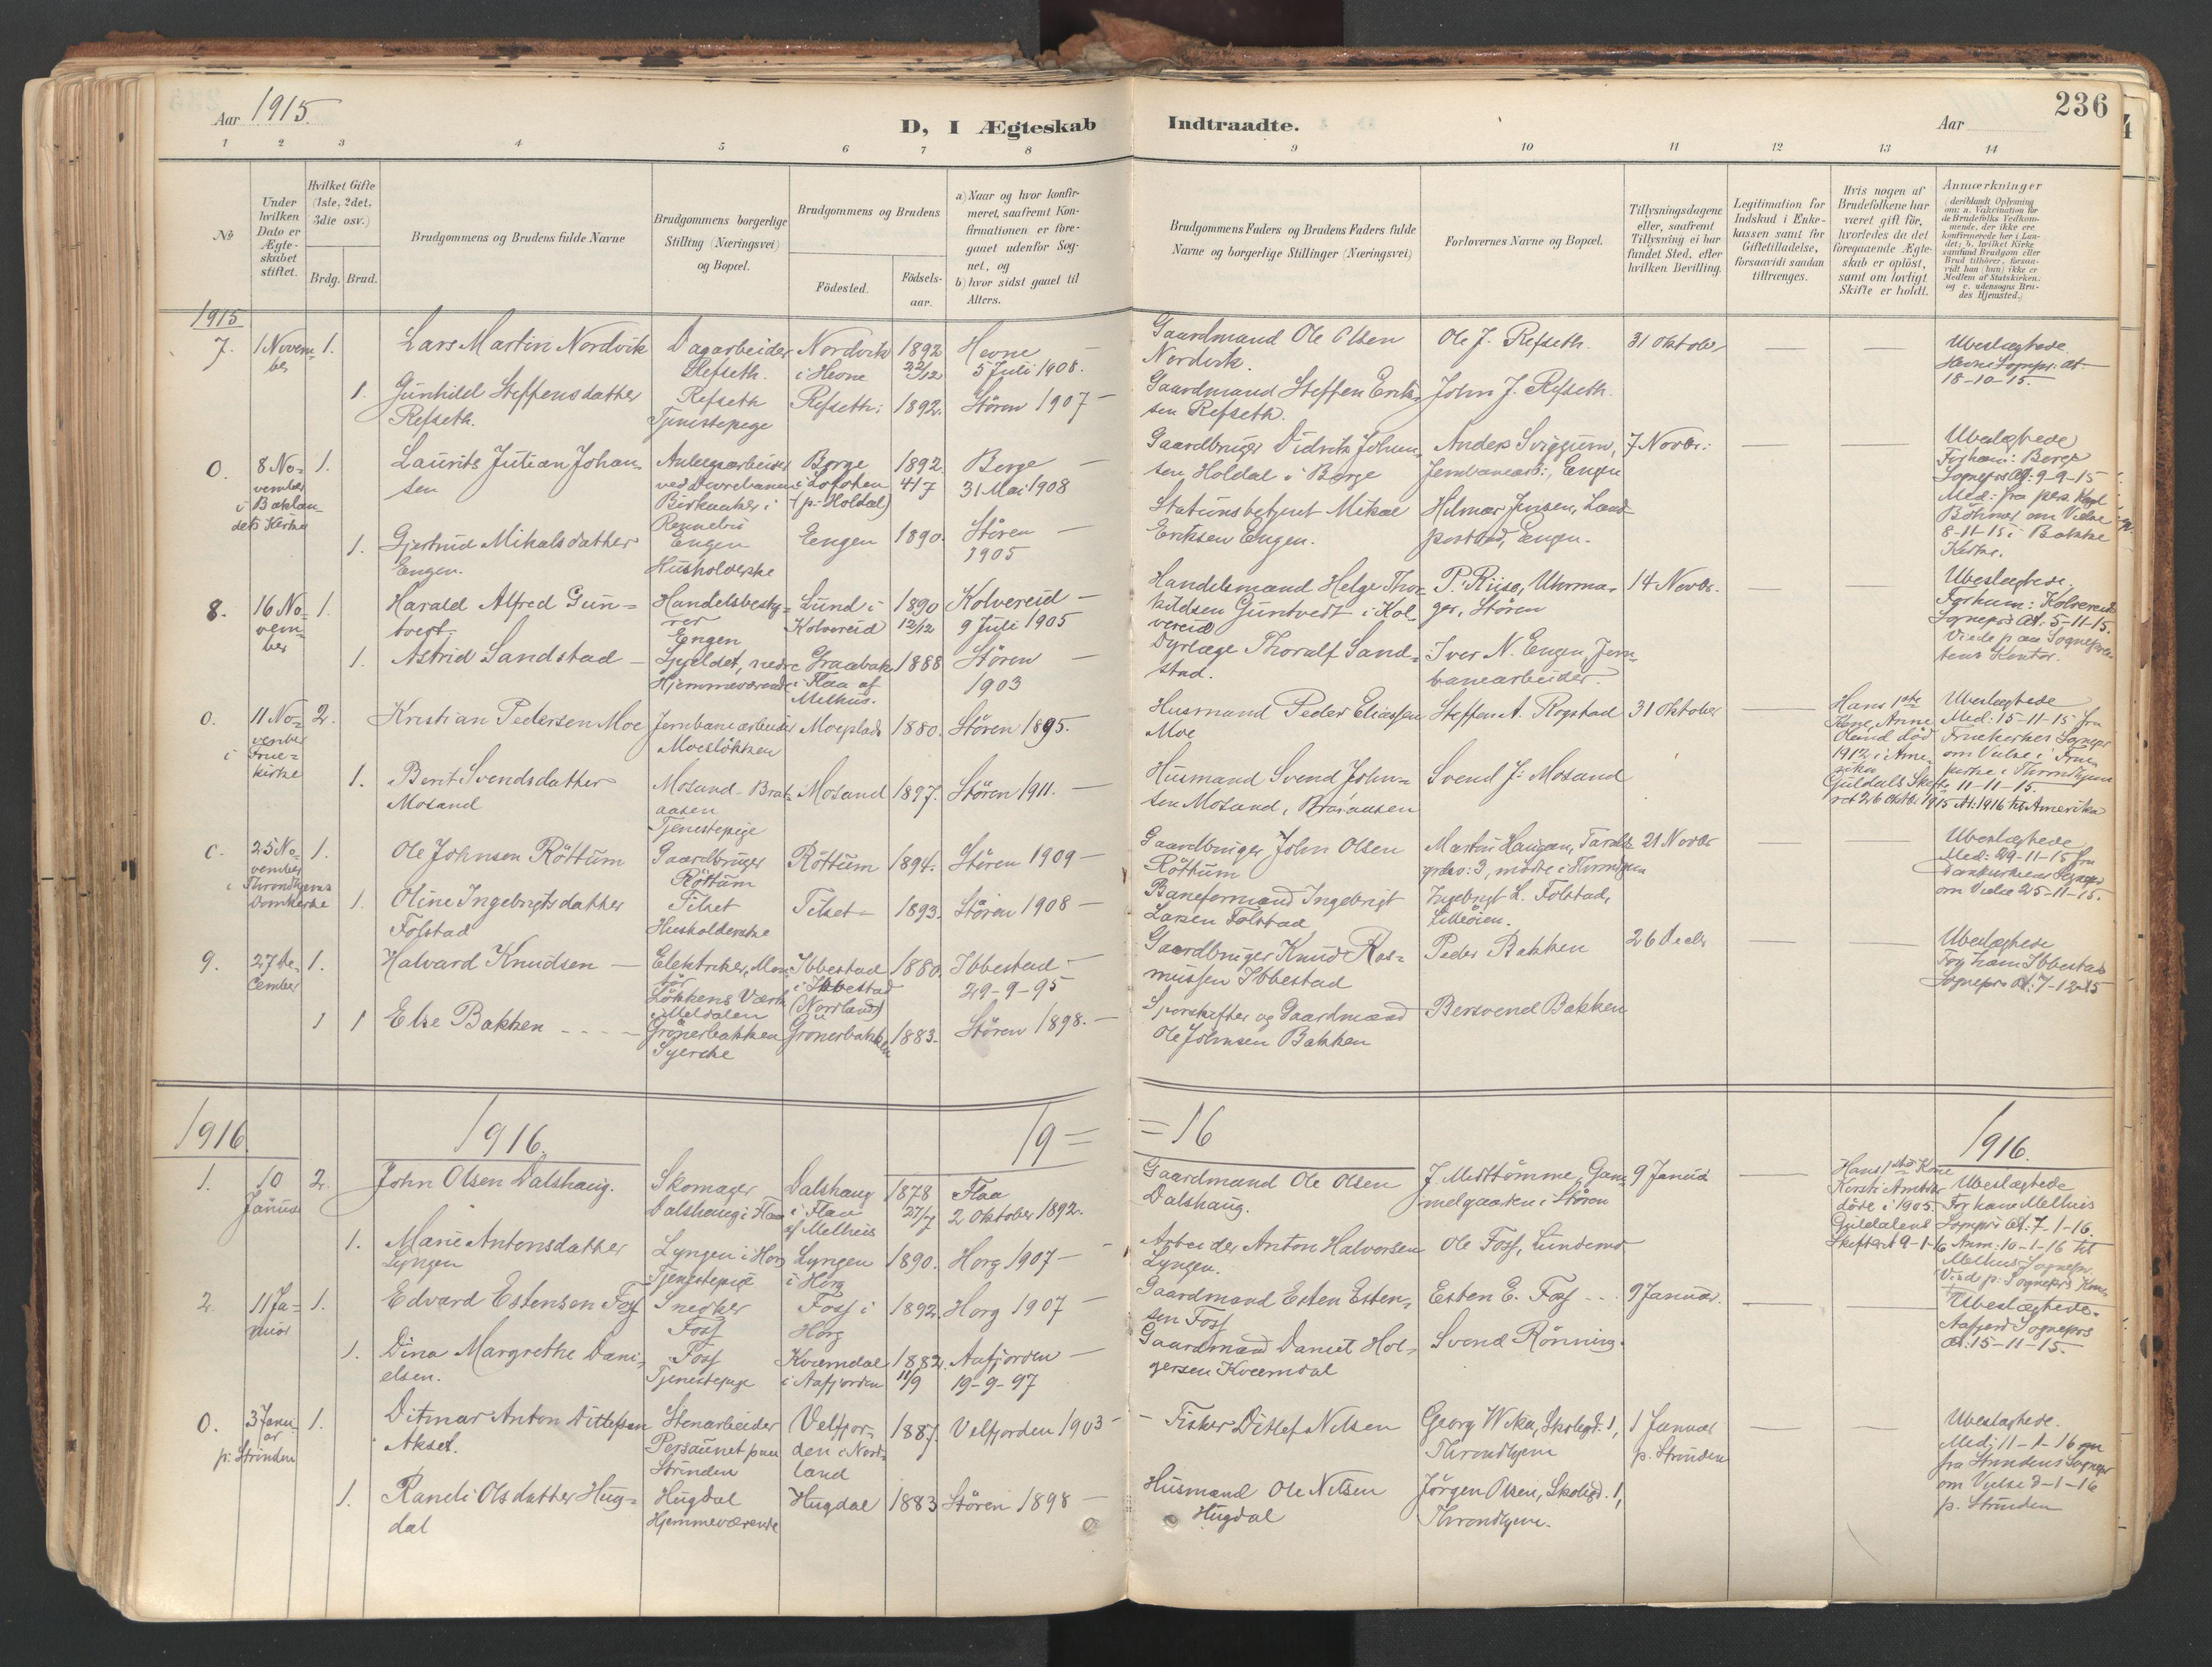 SAT, Ministerialprotokoller, klokkerbøker og fødselsregistre - Sør-Trøndelag, 687/L1004: Ministerialbok nr. 687A10, 1891-1923, s. 236